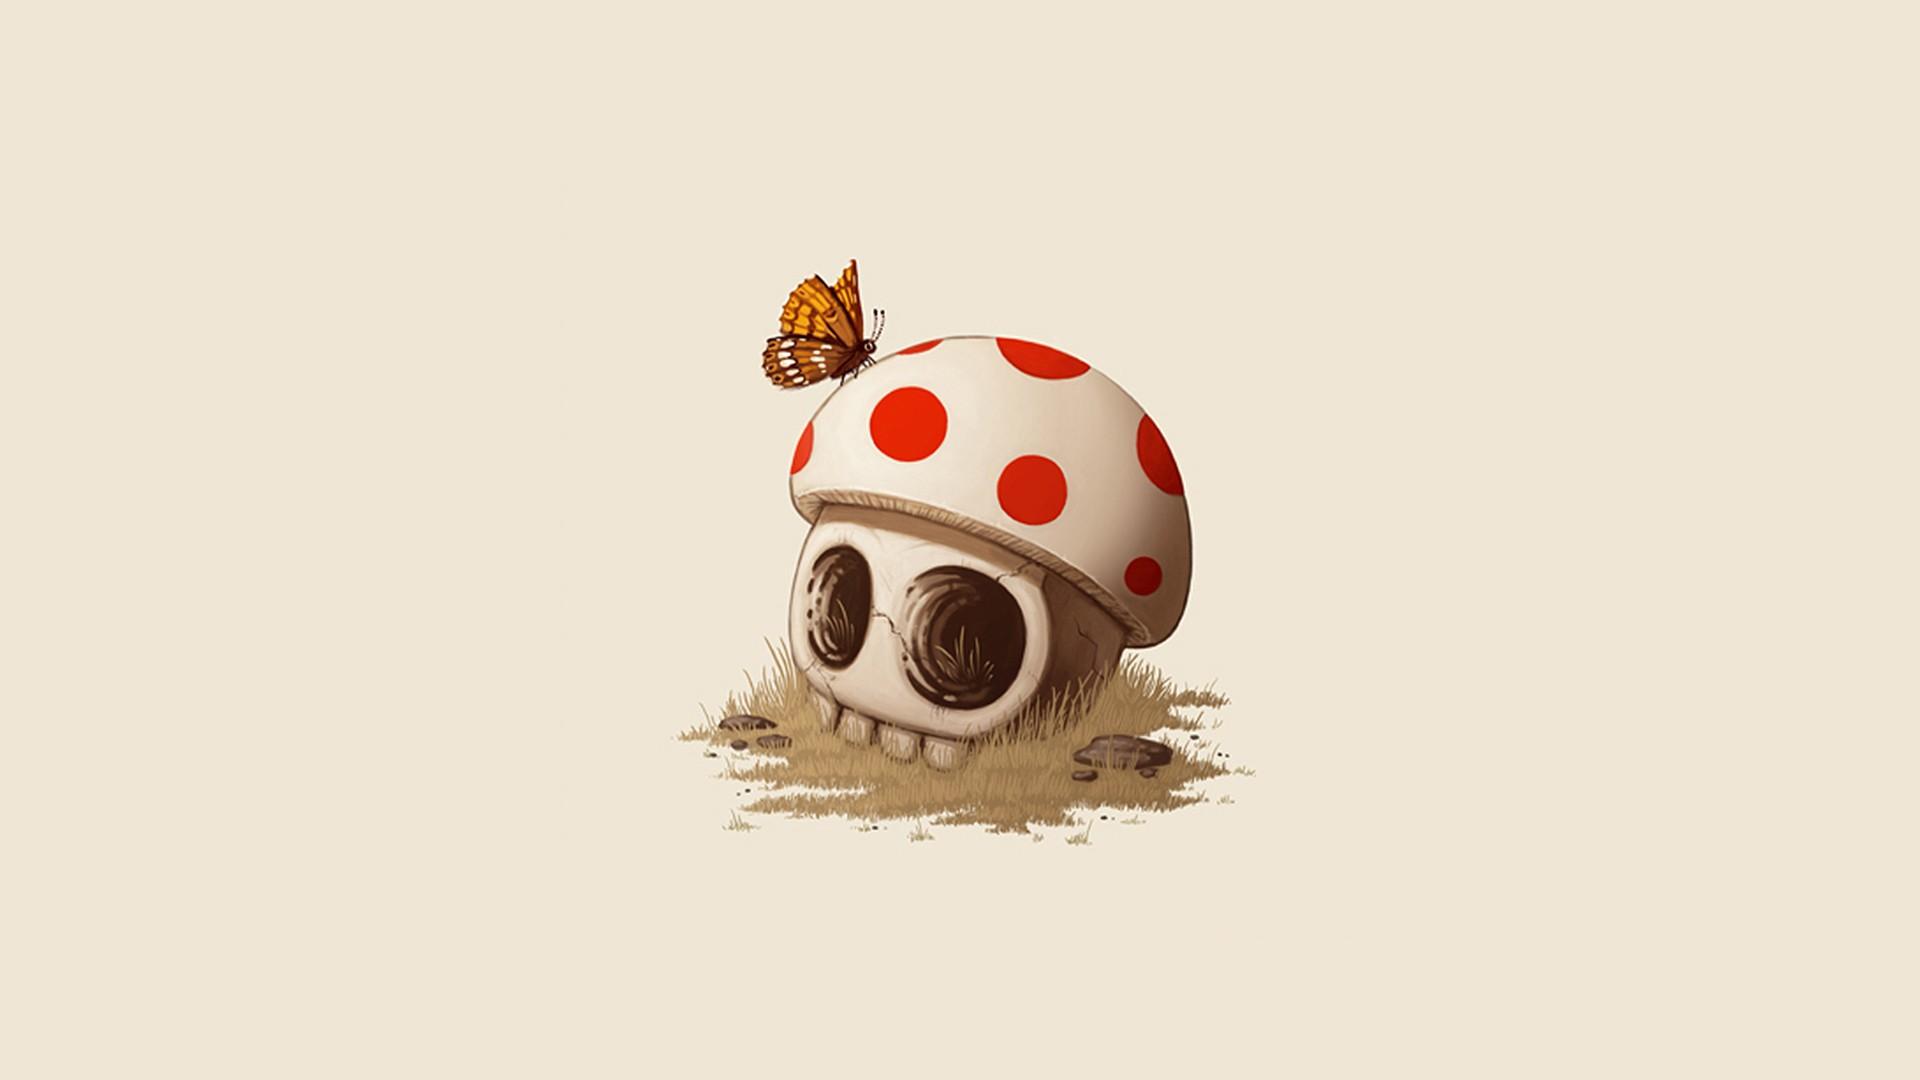 Марио, фан-арт, игры